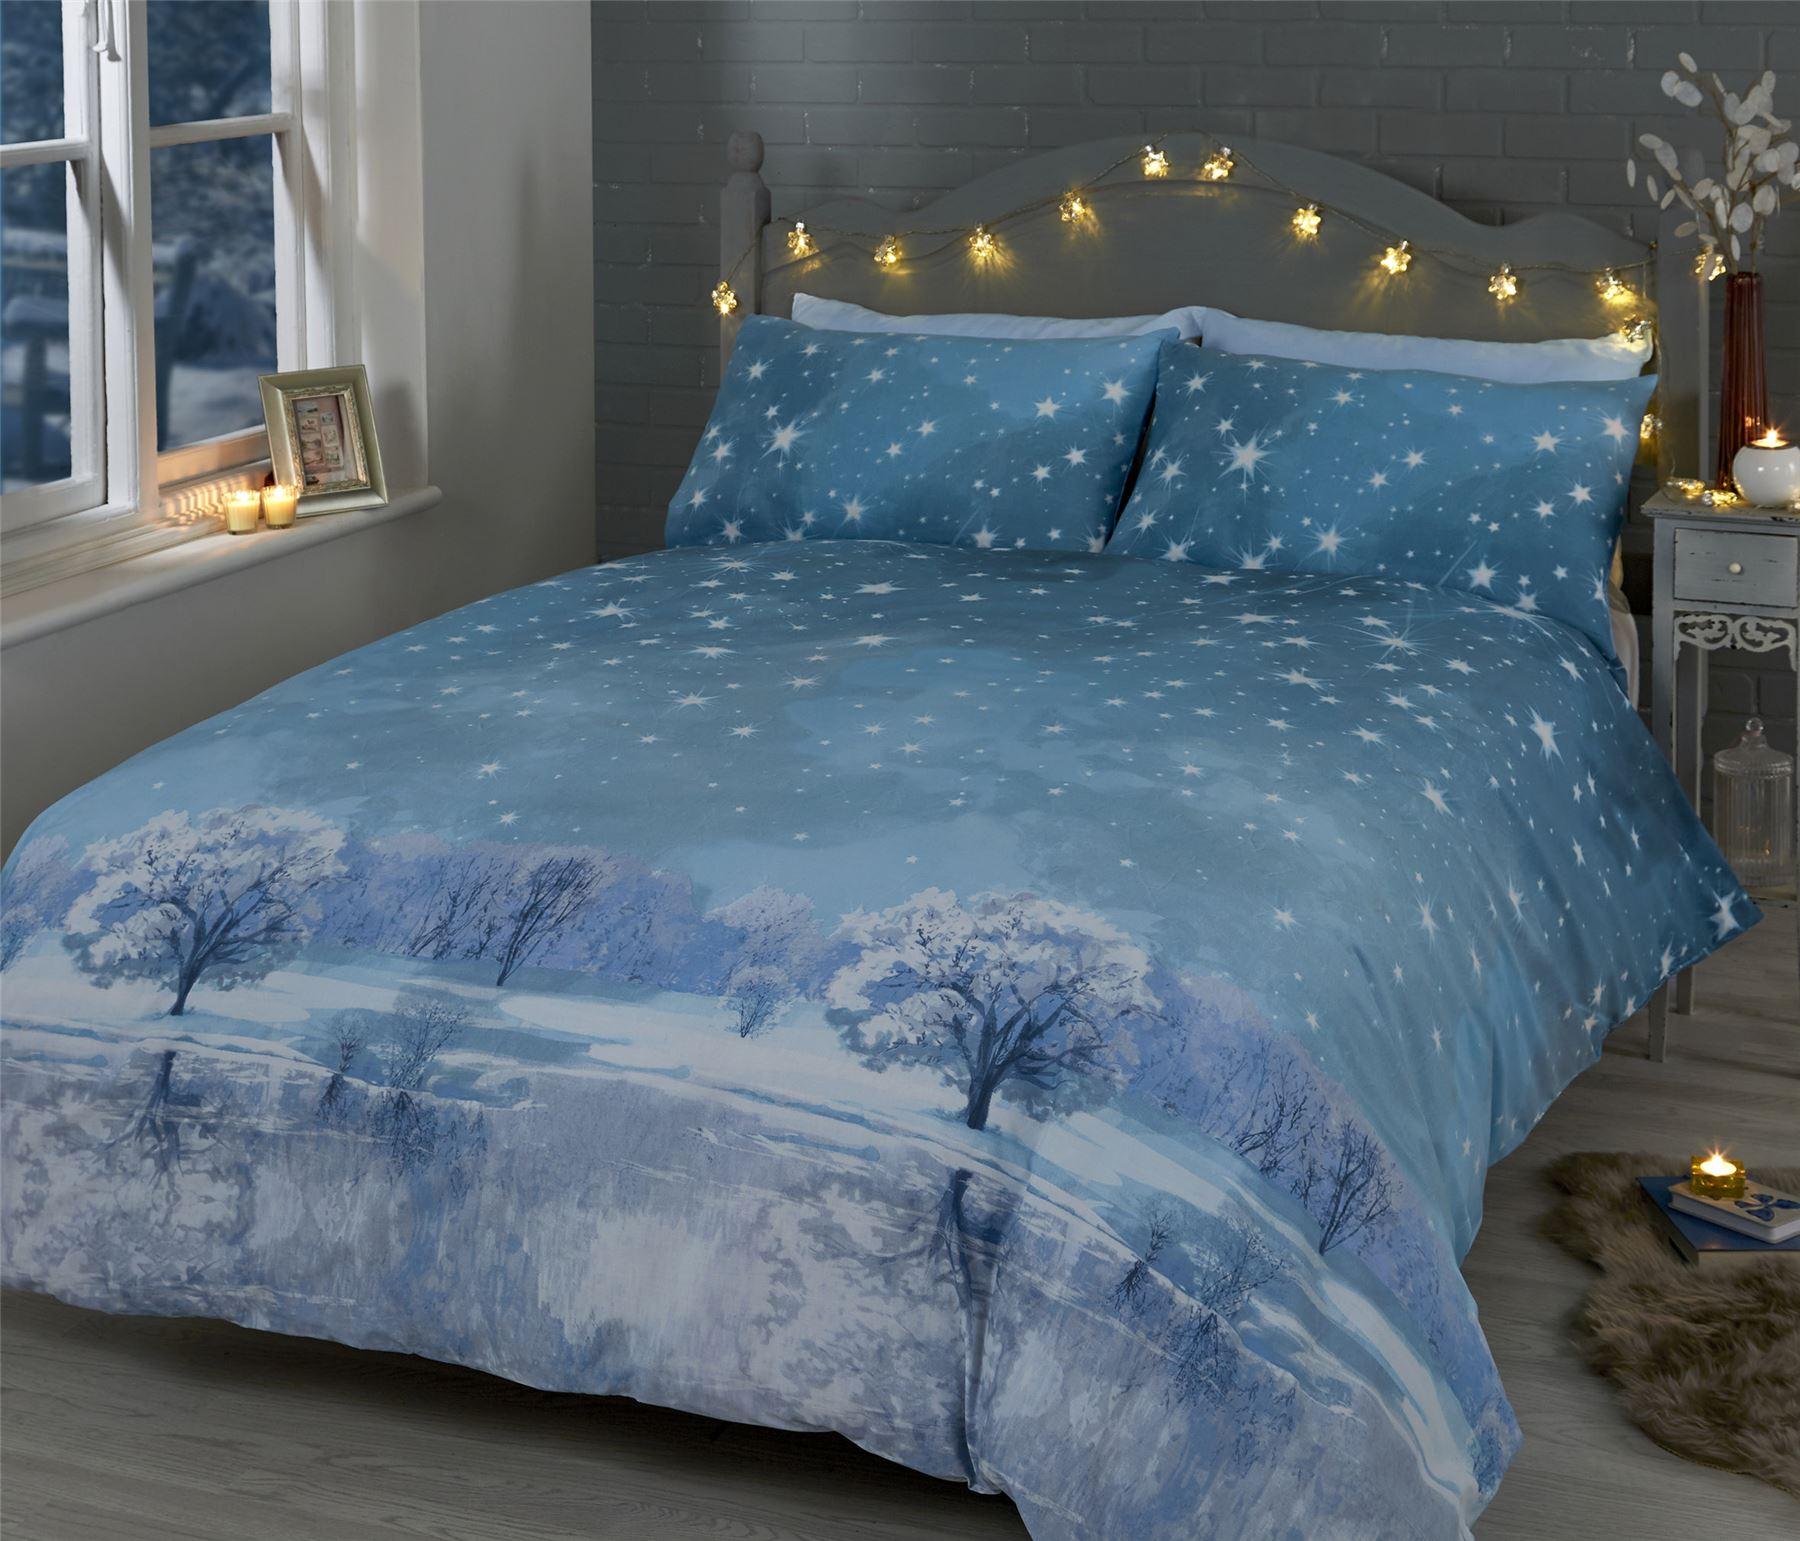 Christmas Quilt Duvet Cover Amp Pillowcase Bedding Bed Set